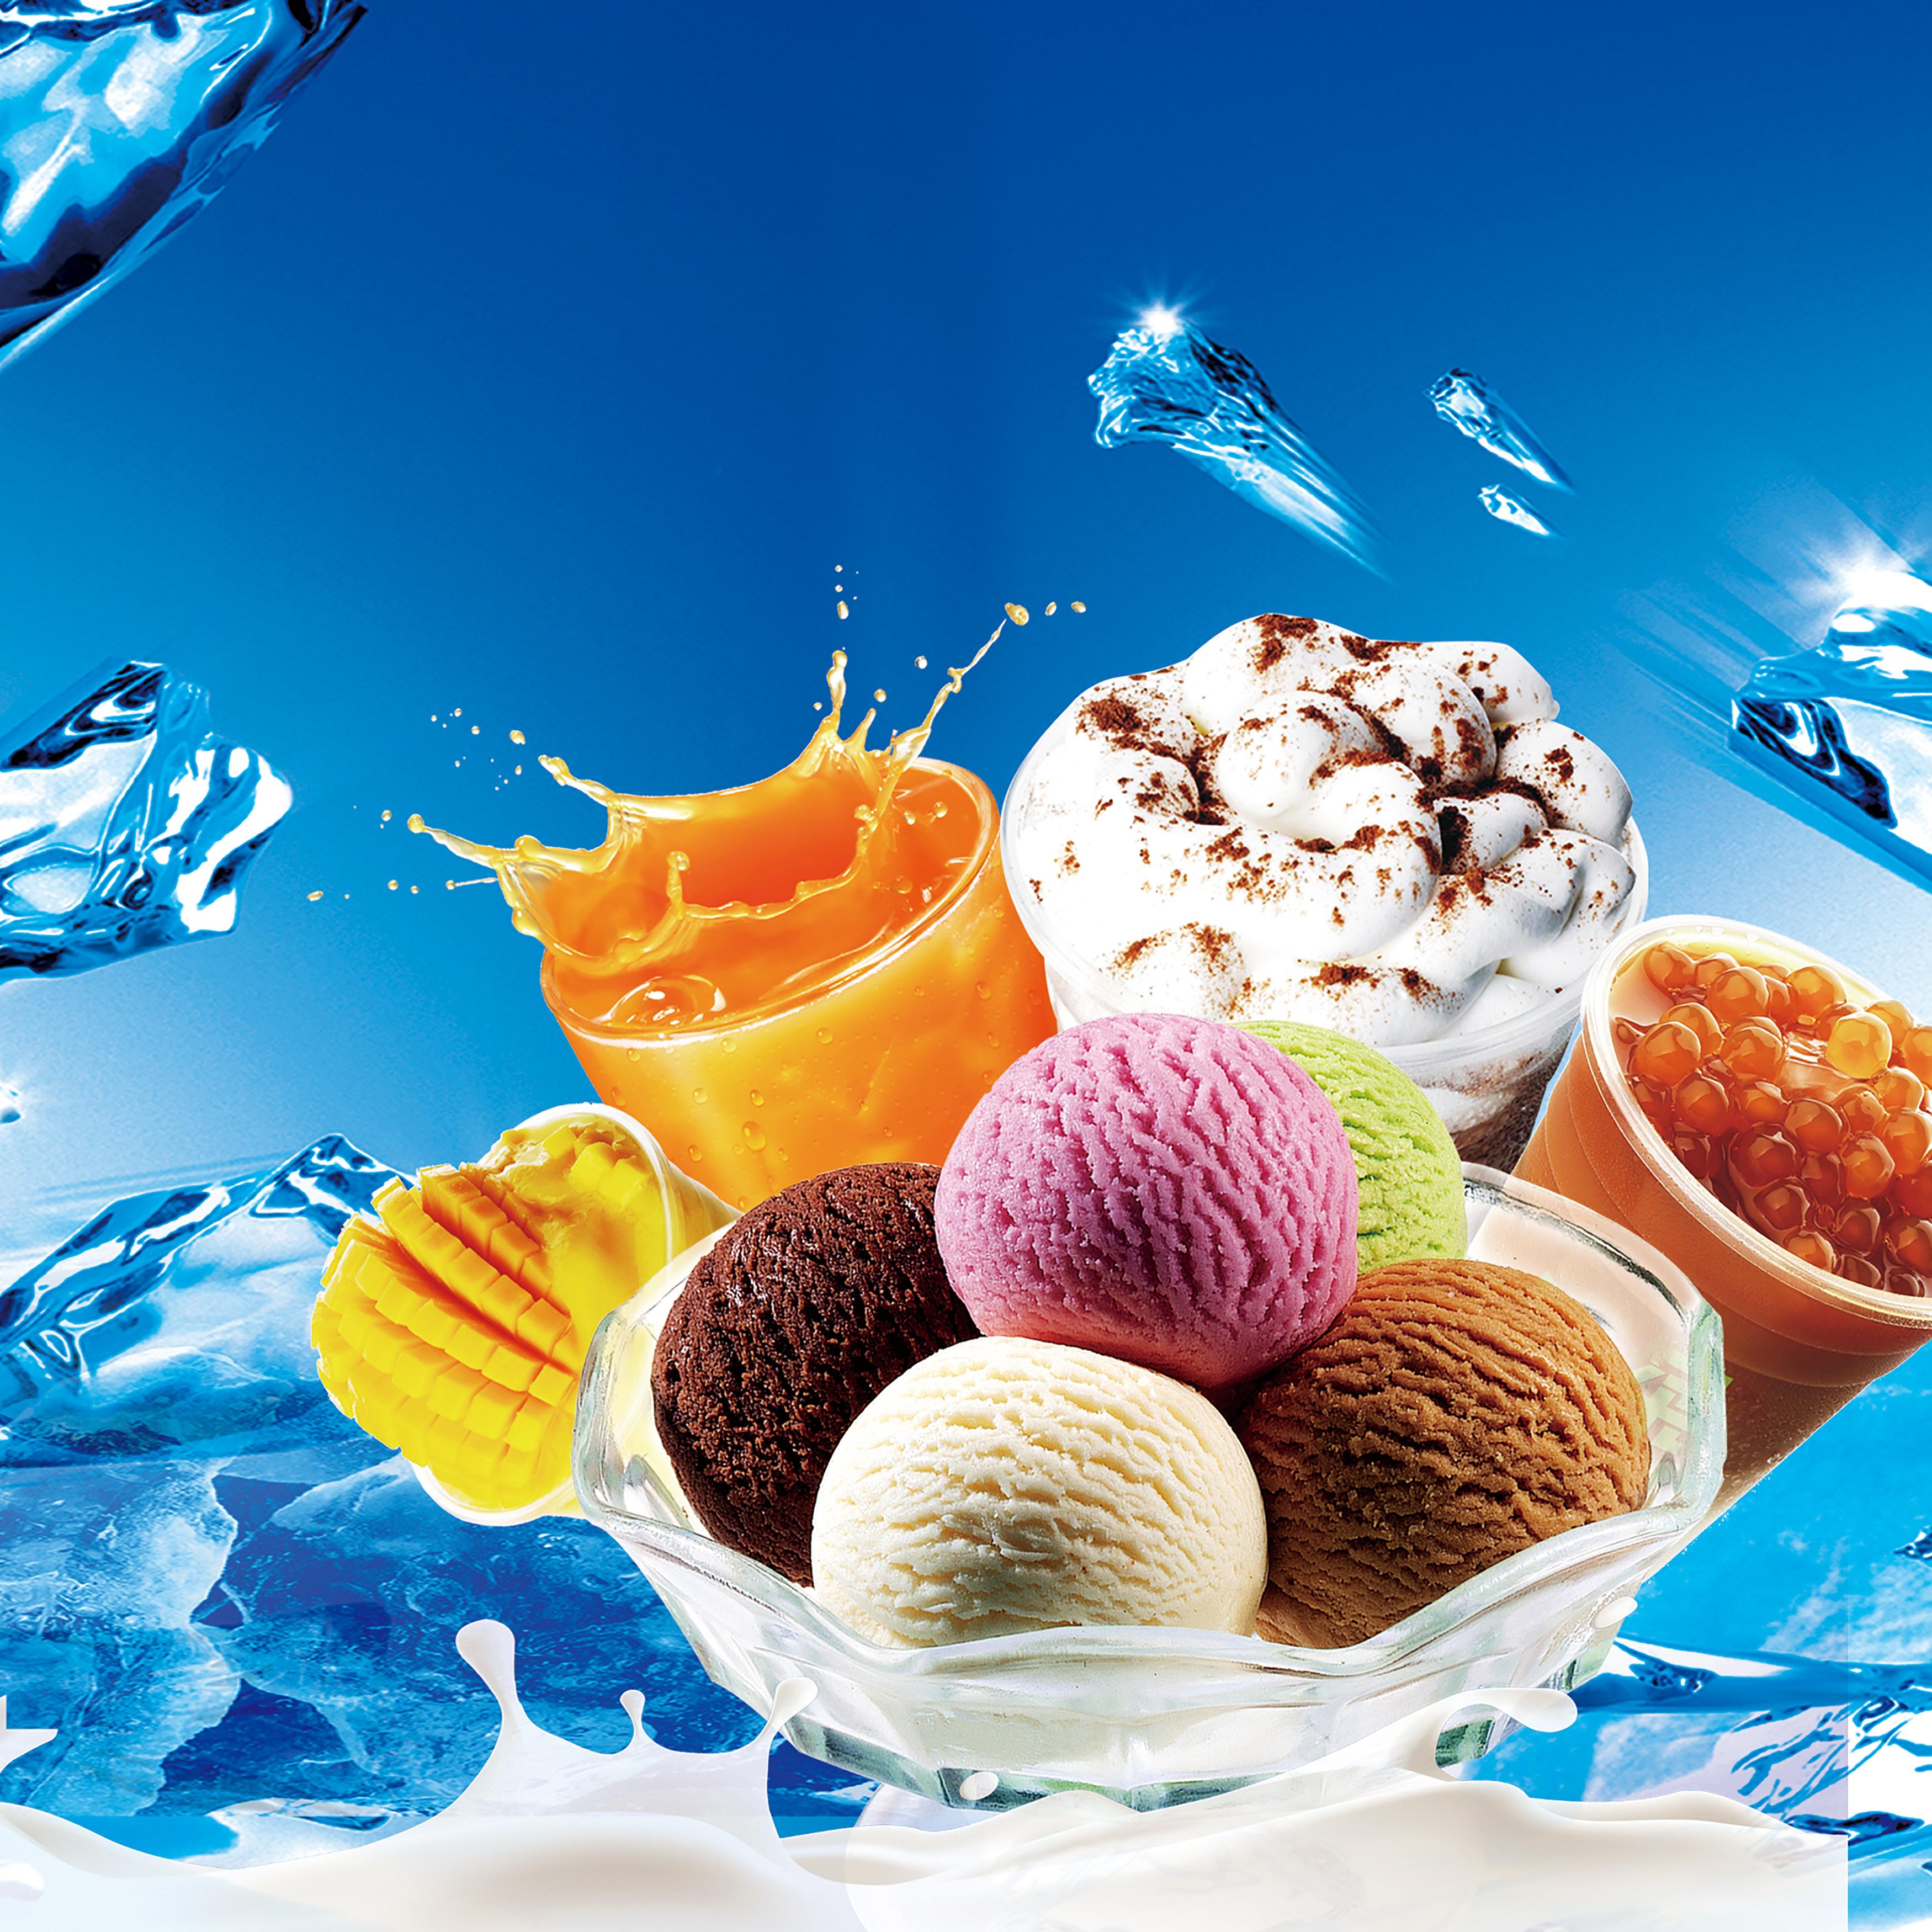 Ice Cream Wide Wallpapers Free: Decoração A Holiday Frutas Celebração Background Alimentos